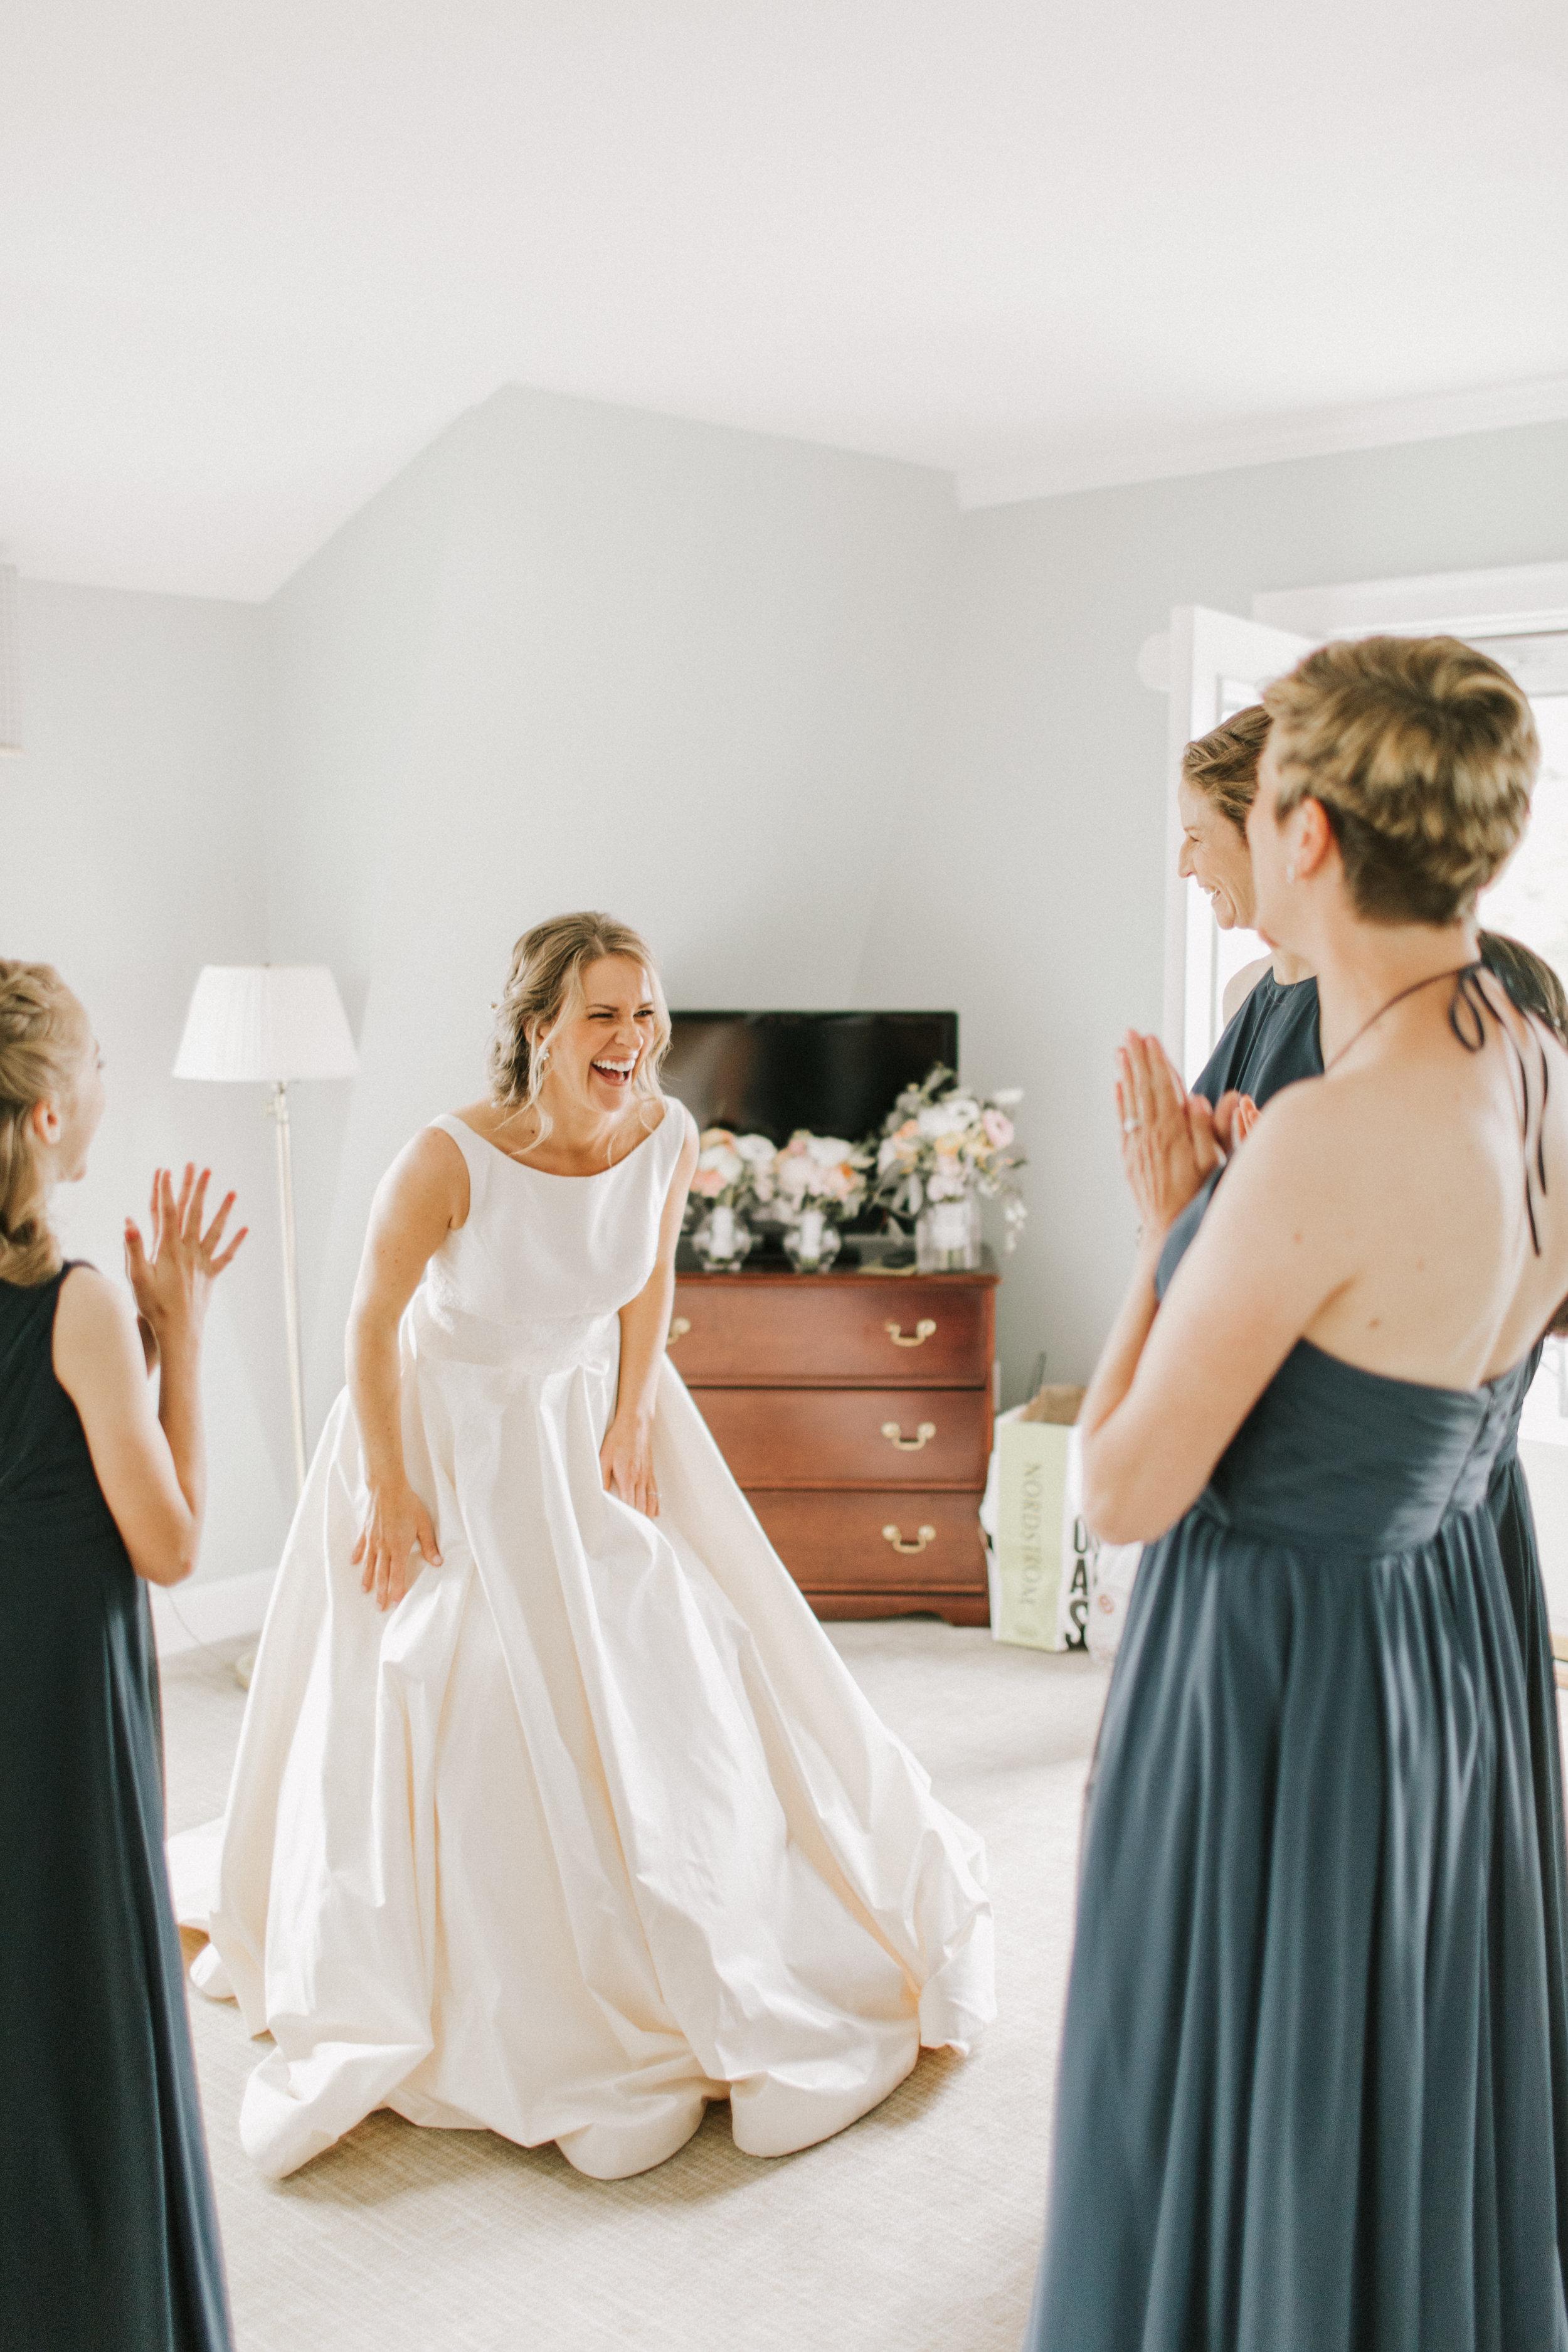 Wedding Excitement